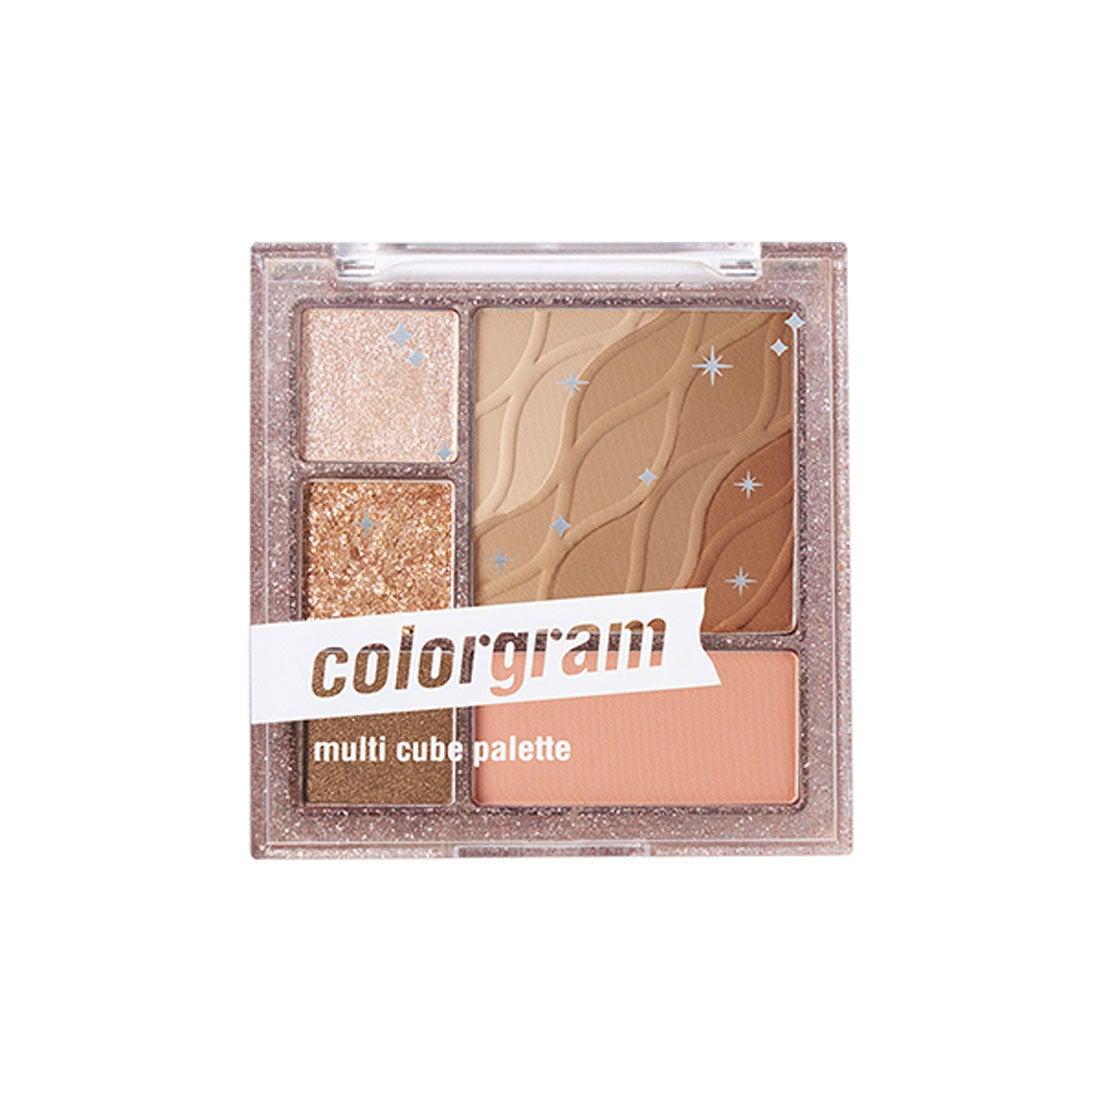 カラーグラム colorgram マルチキューブパレット 01 ベーシックキューブ【返品交換不可】